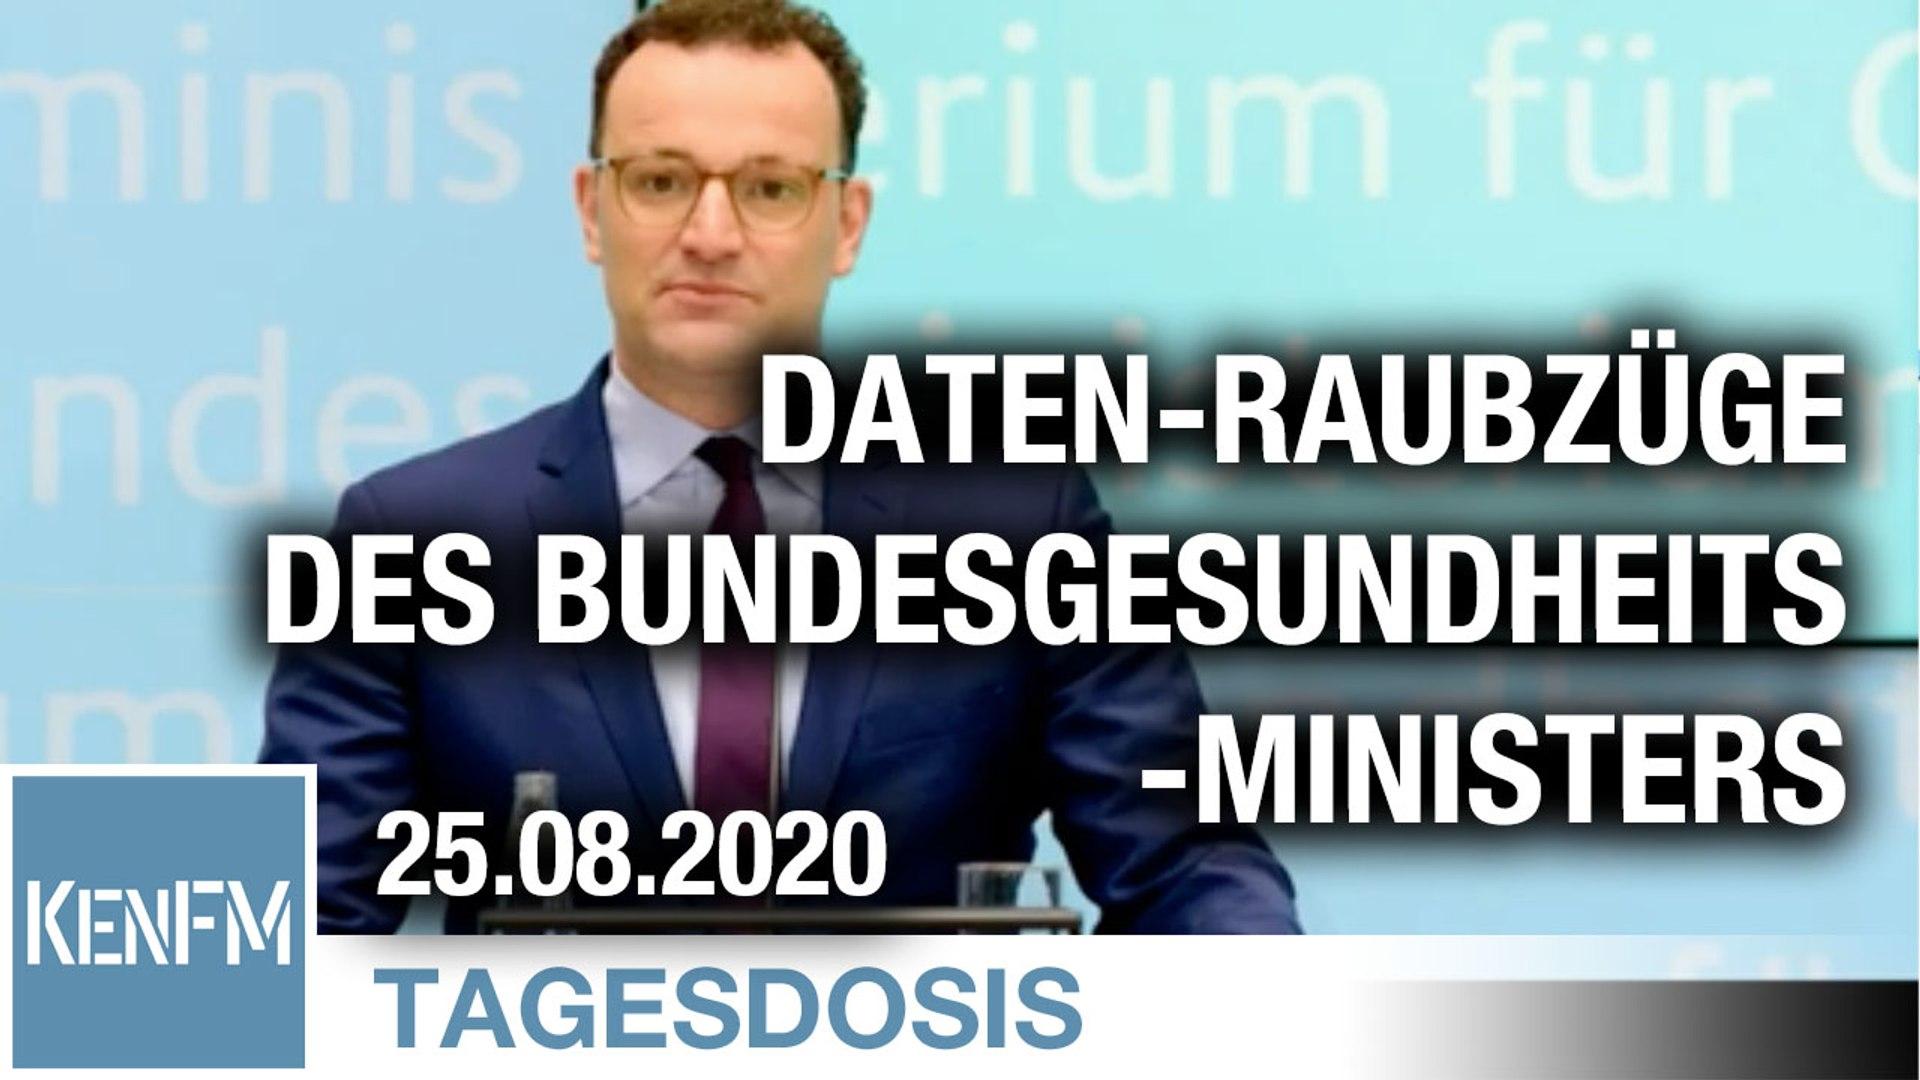 Daten-Raubzüge des Bundesgesundheitsministers | Von Norbert Häring